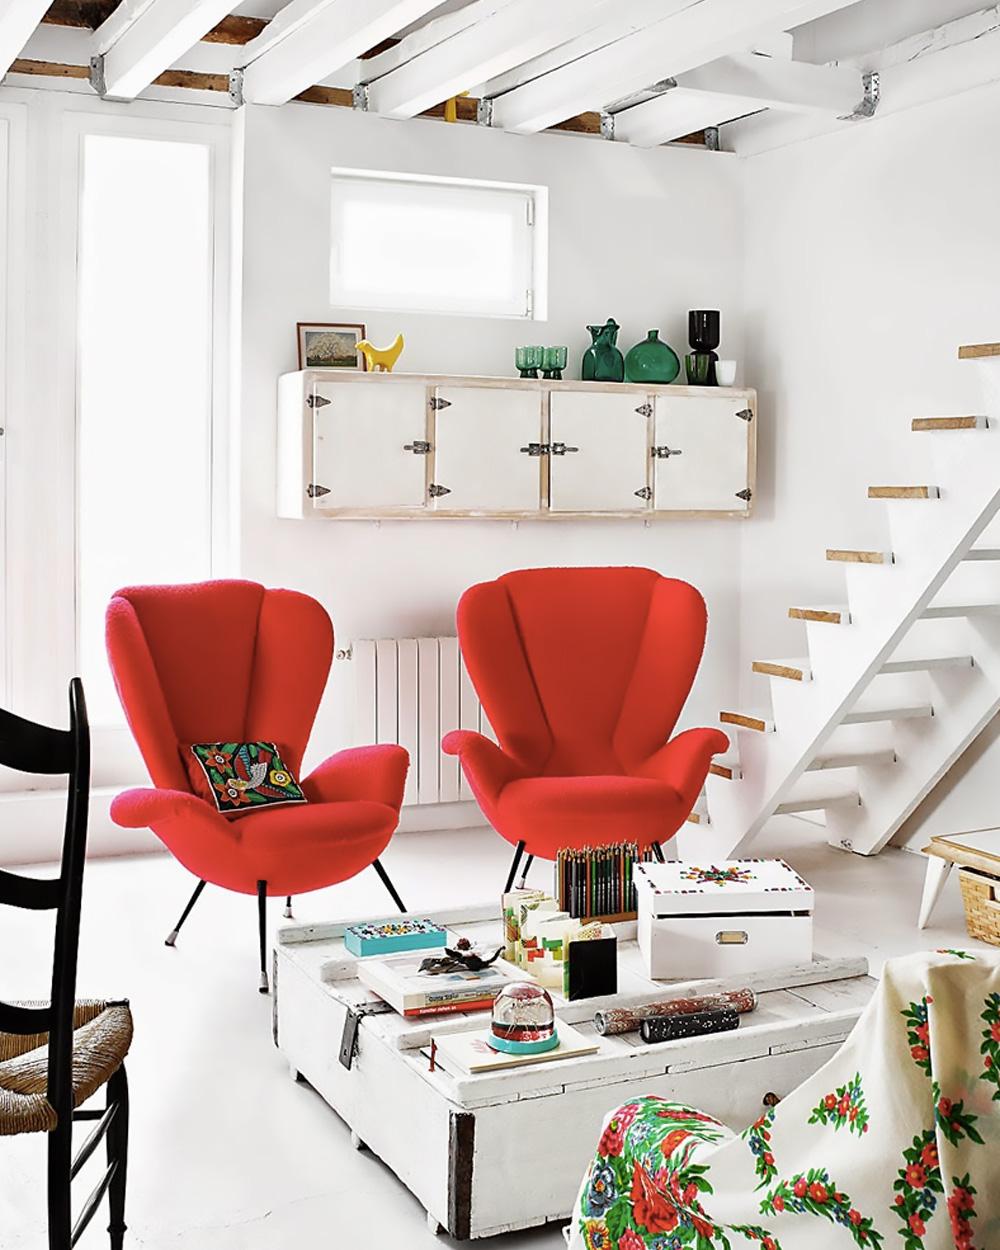 fauteuils rouges dans un salon